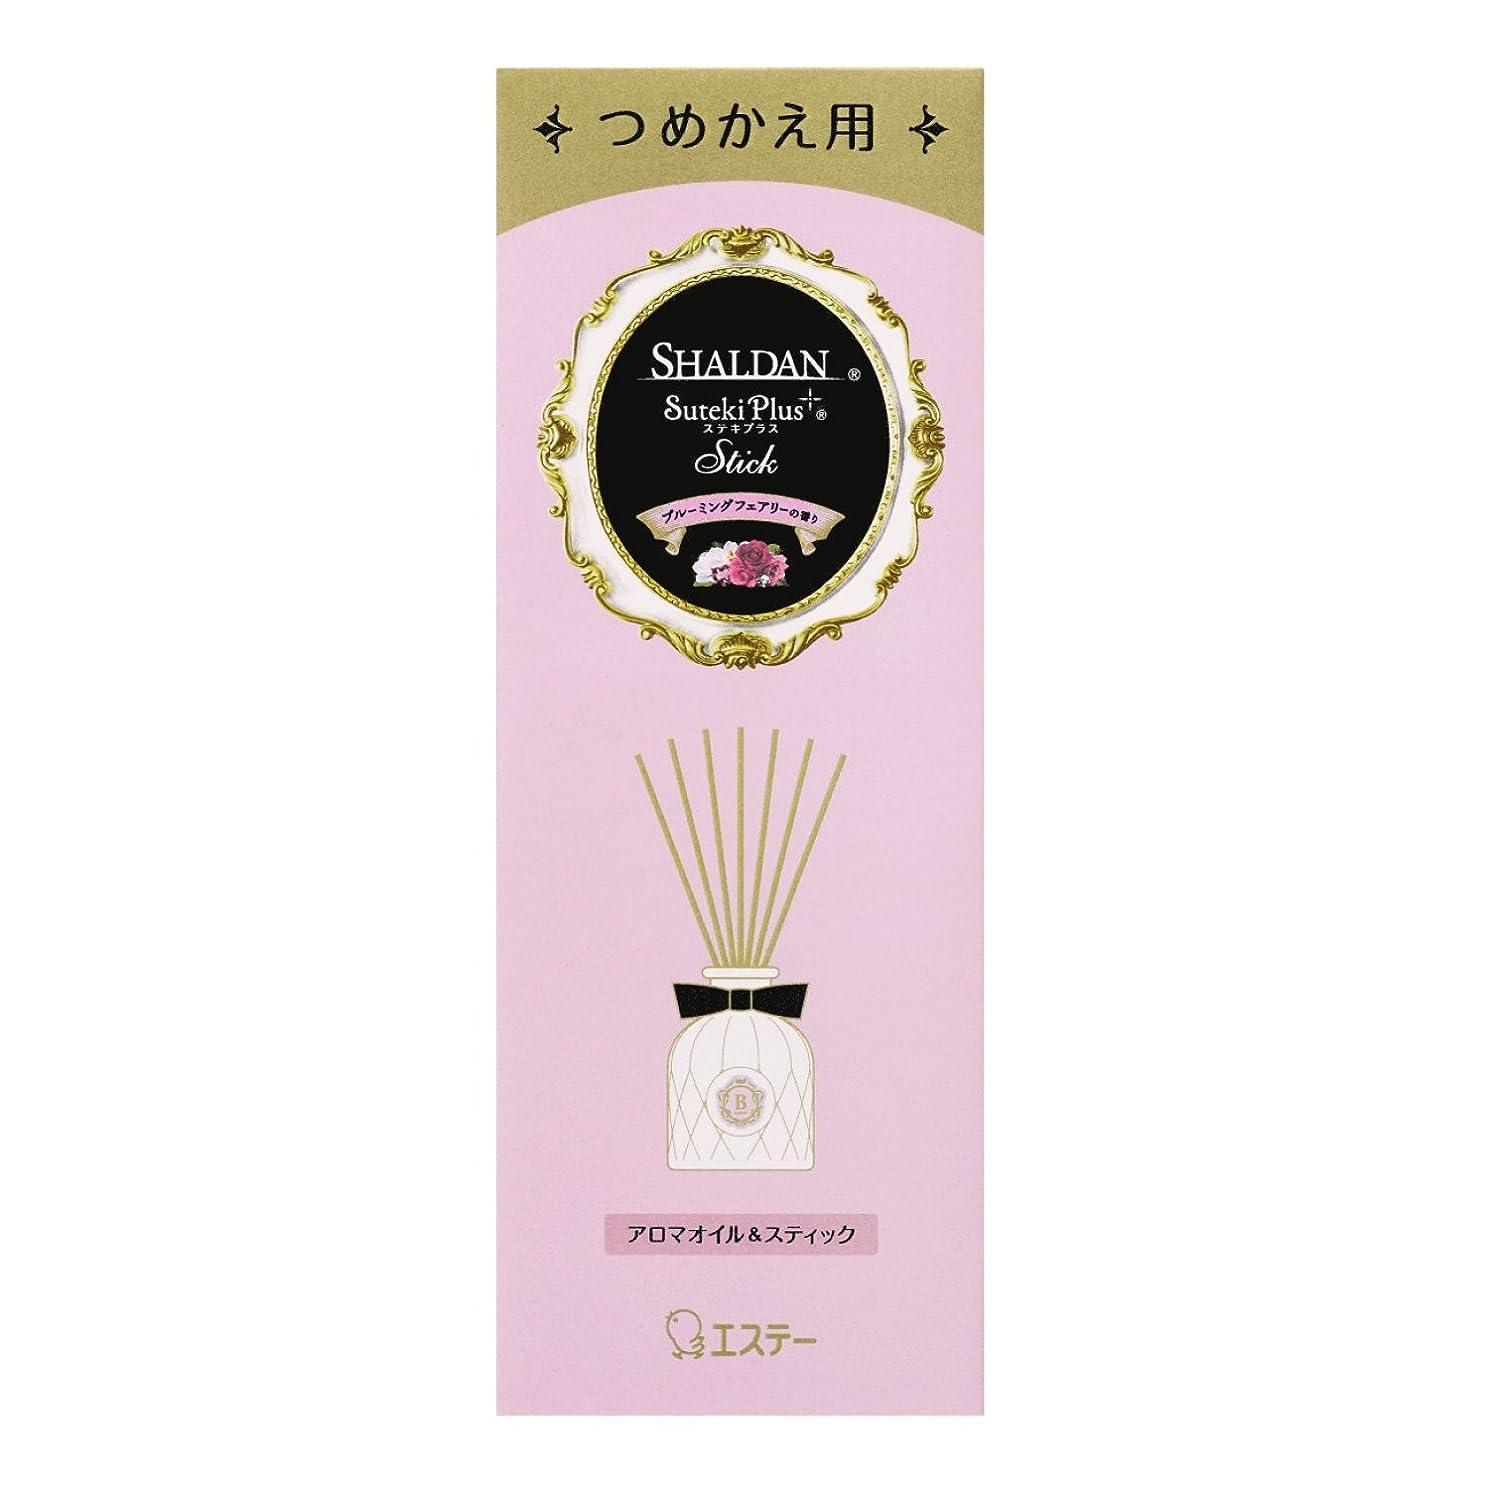 毎年調整する知性シャルダン SHALDAN ステキプラス スティック 芳香剤 部屋用 つめかえ ブルーミングフェアリー 45mL